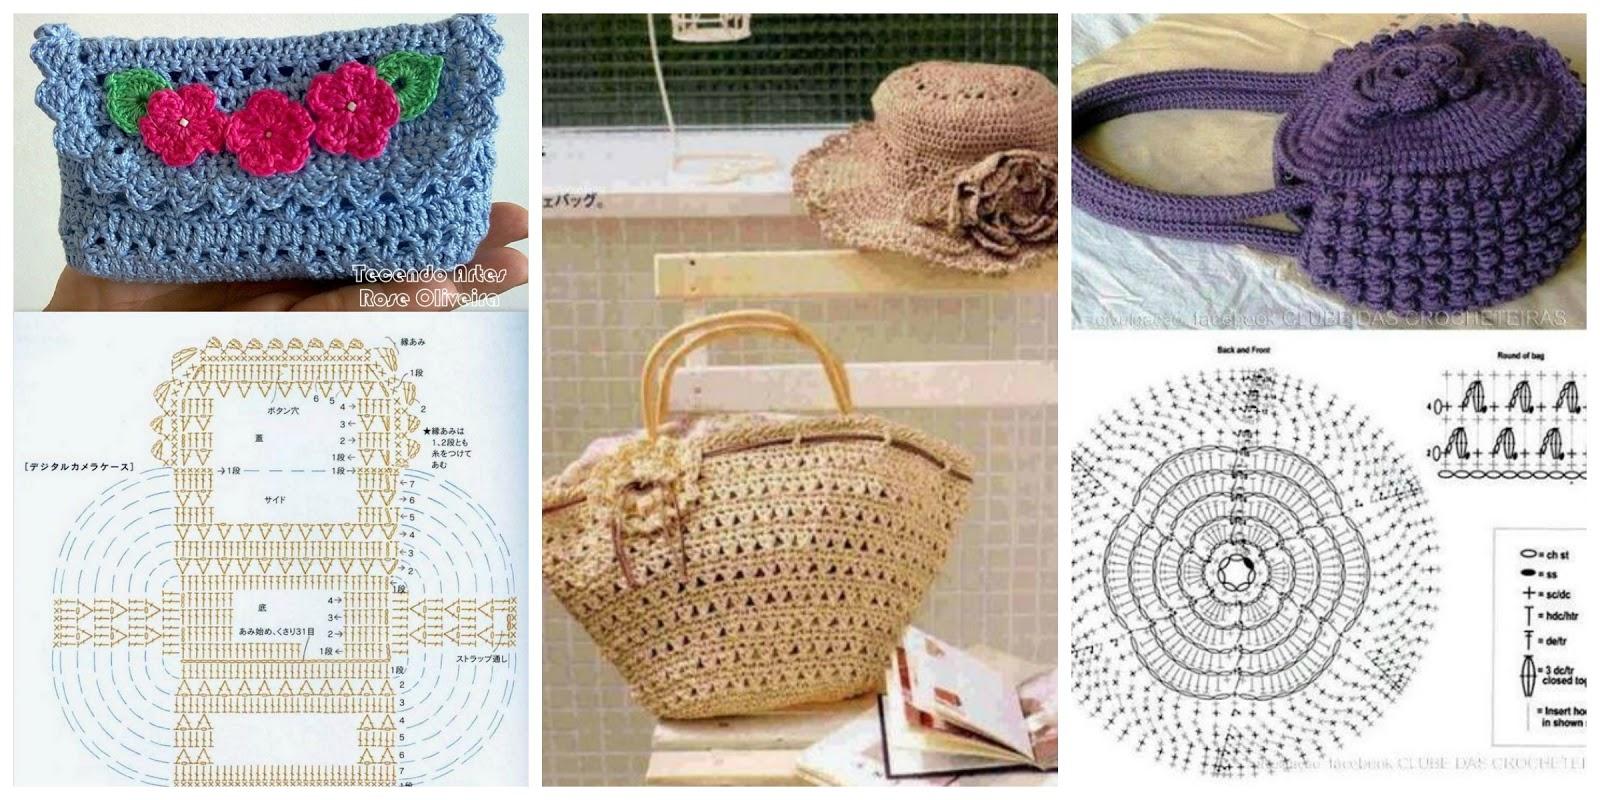 Borse e pochette fai da te 8 schemi crochet gratis for Schemi borse uncinetto